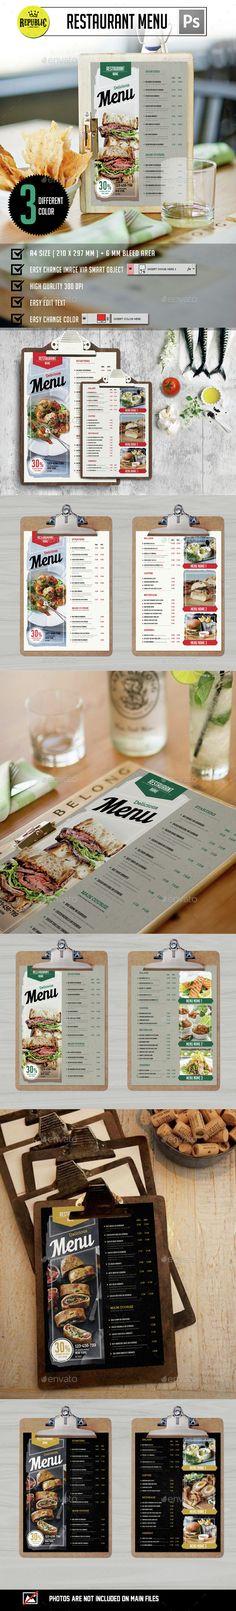 Clean Restaurant Menu - Food Menus | Download: http://graphicriver.net/item/clean-restaurant-menu/15259432?ref=sinzo #Print #Templates